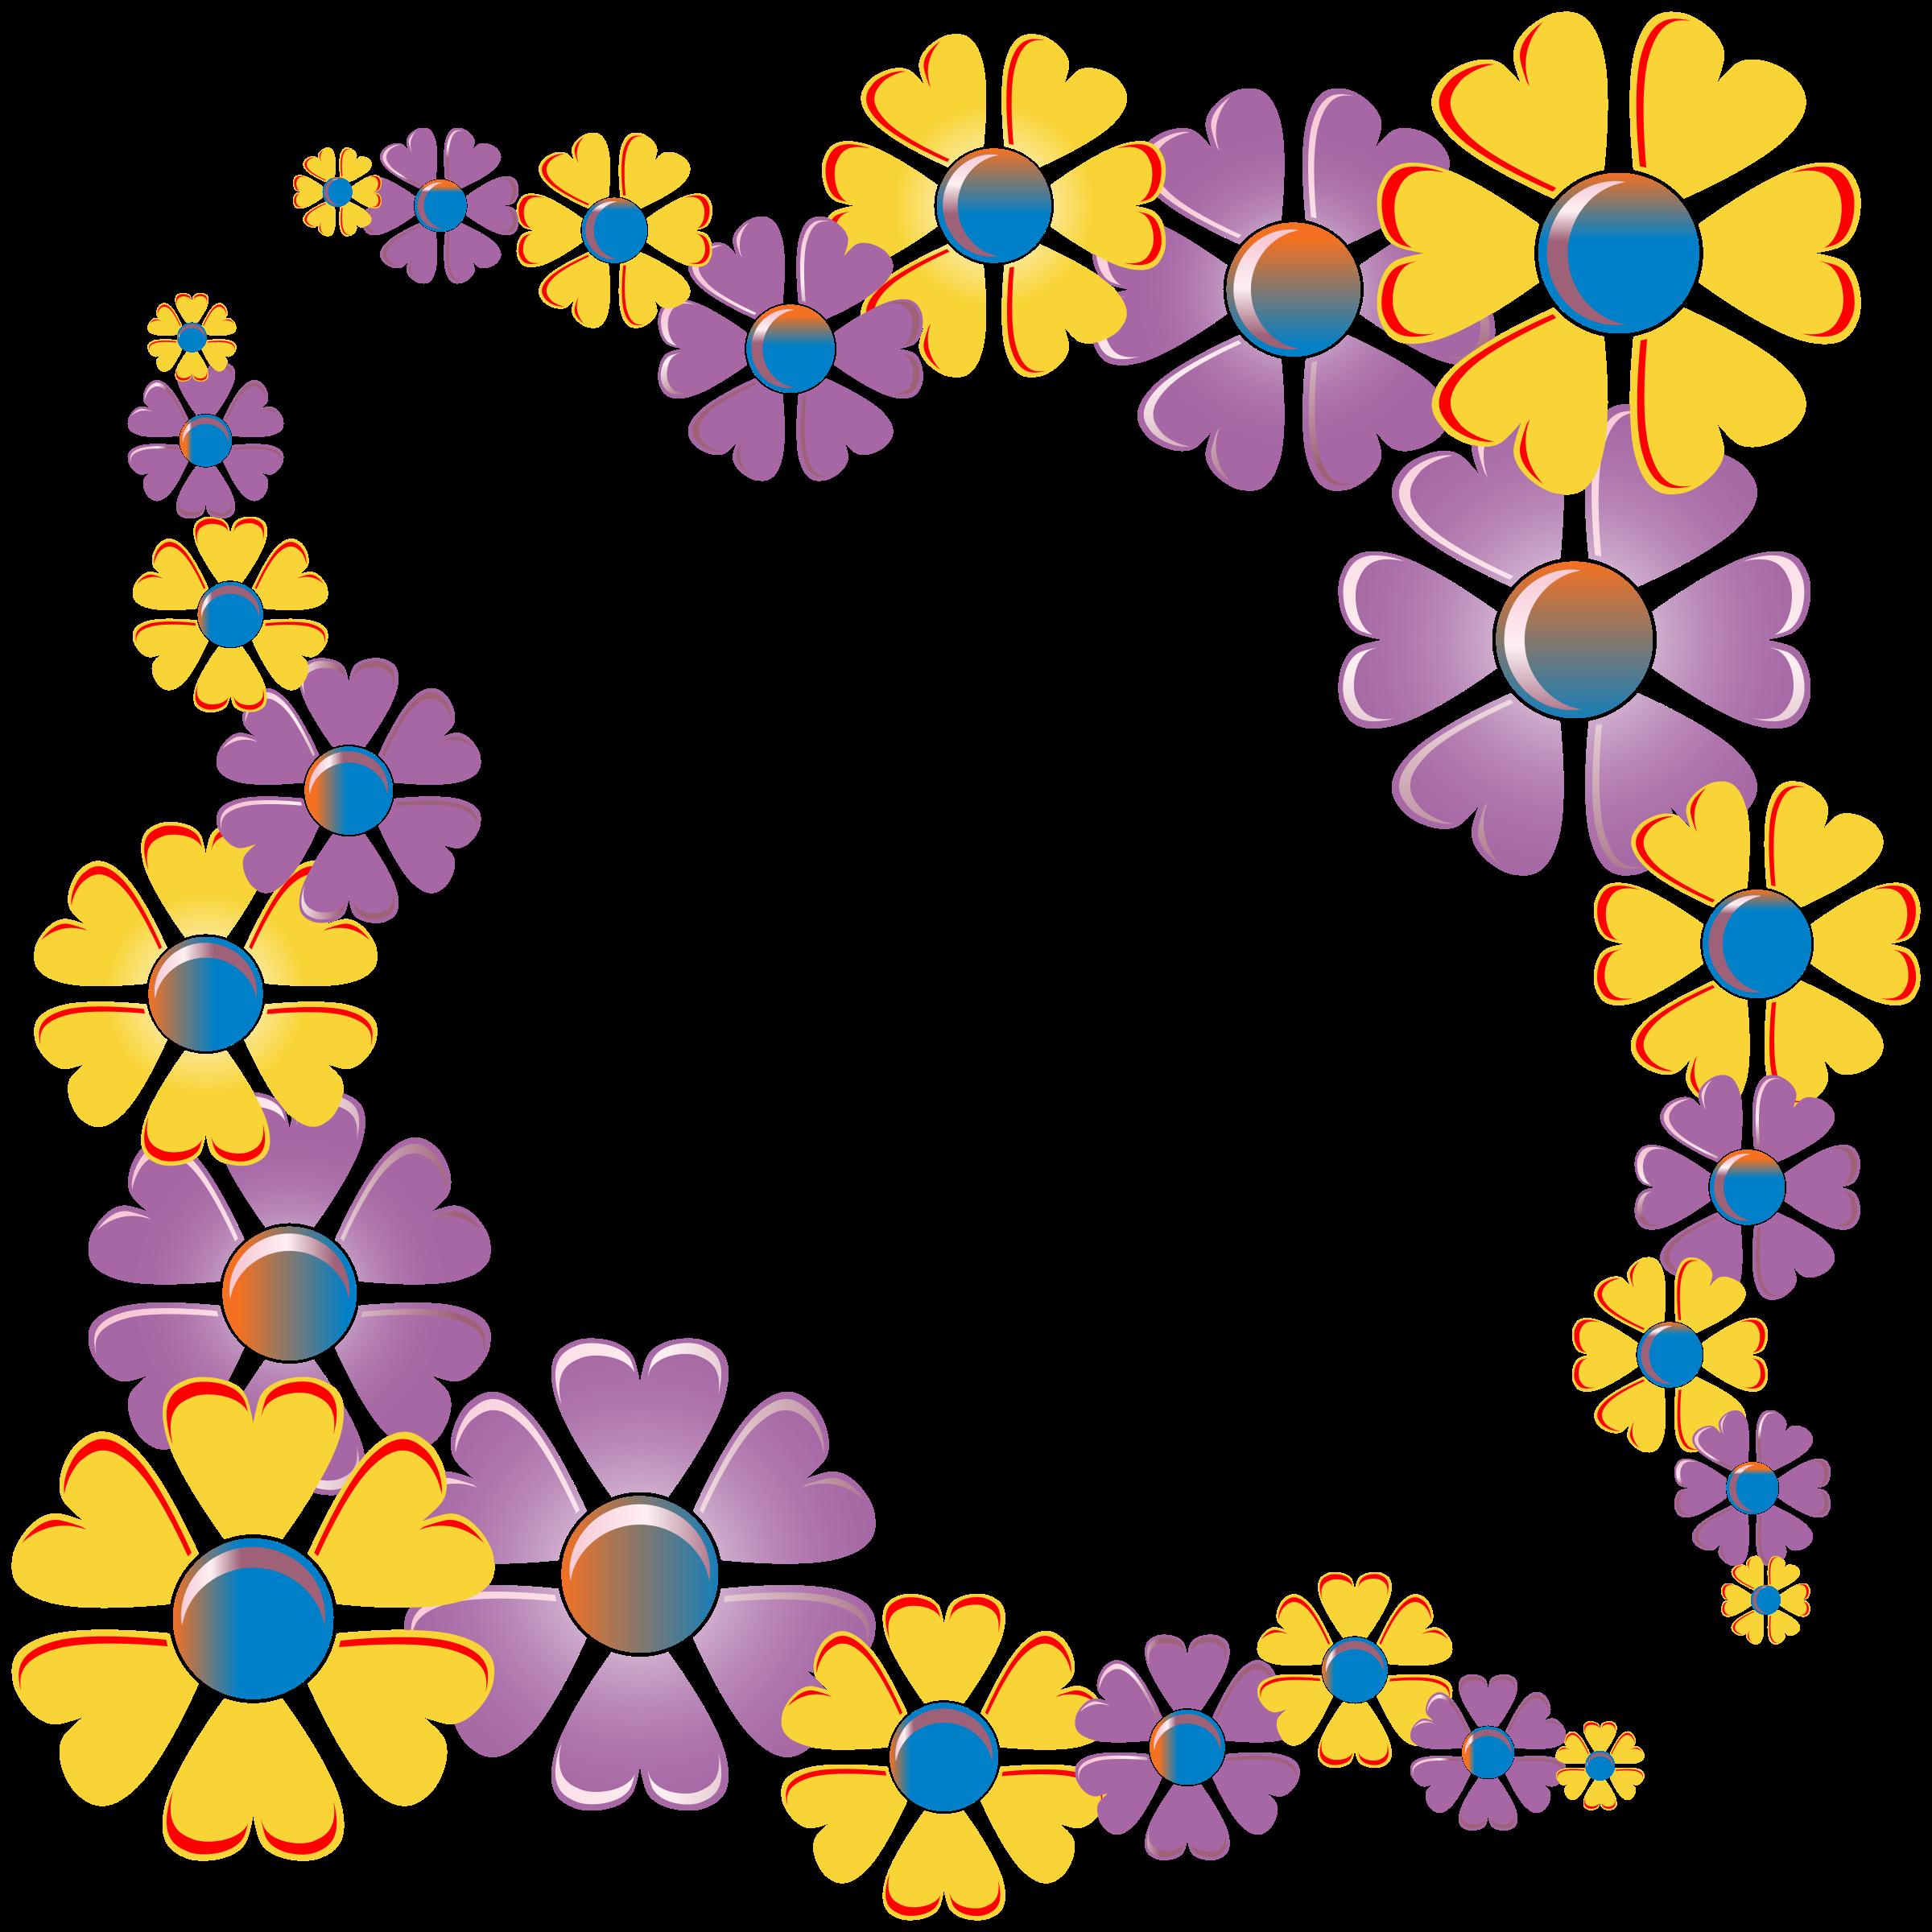 Flower corner clipart jpg stock Clipart - Flower Corner Variation Frame jpg stock